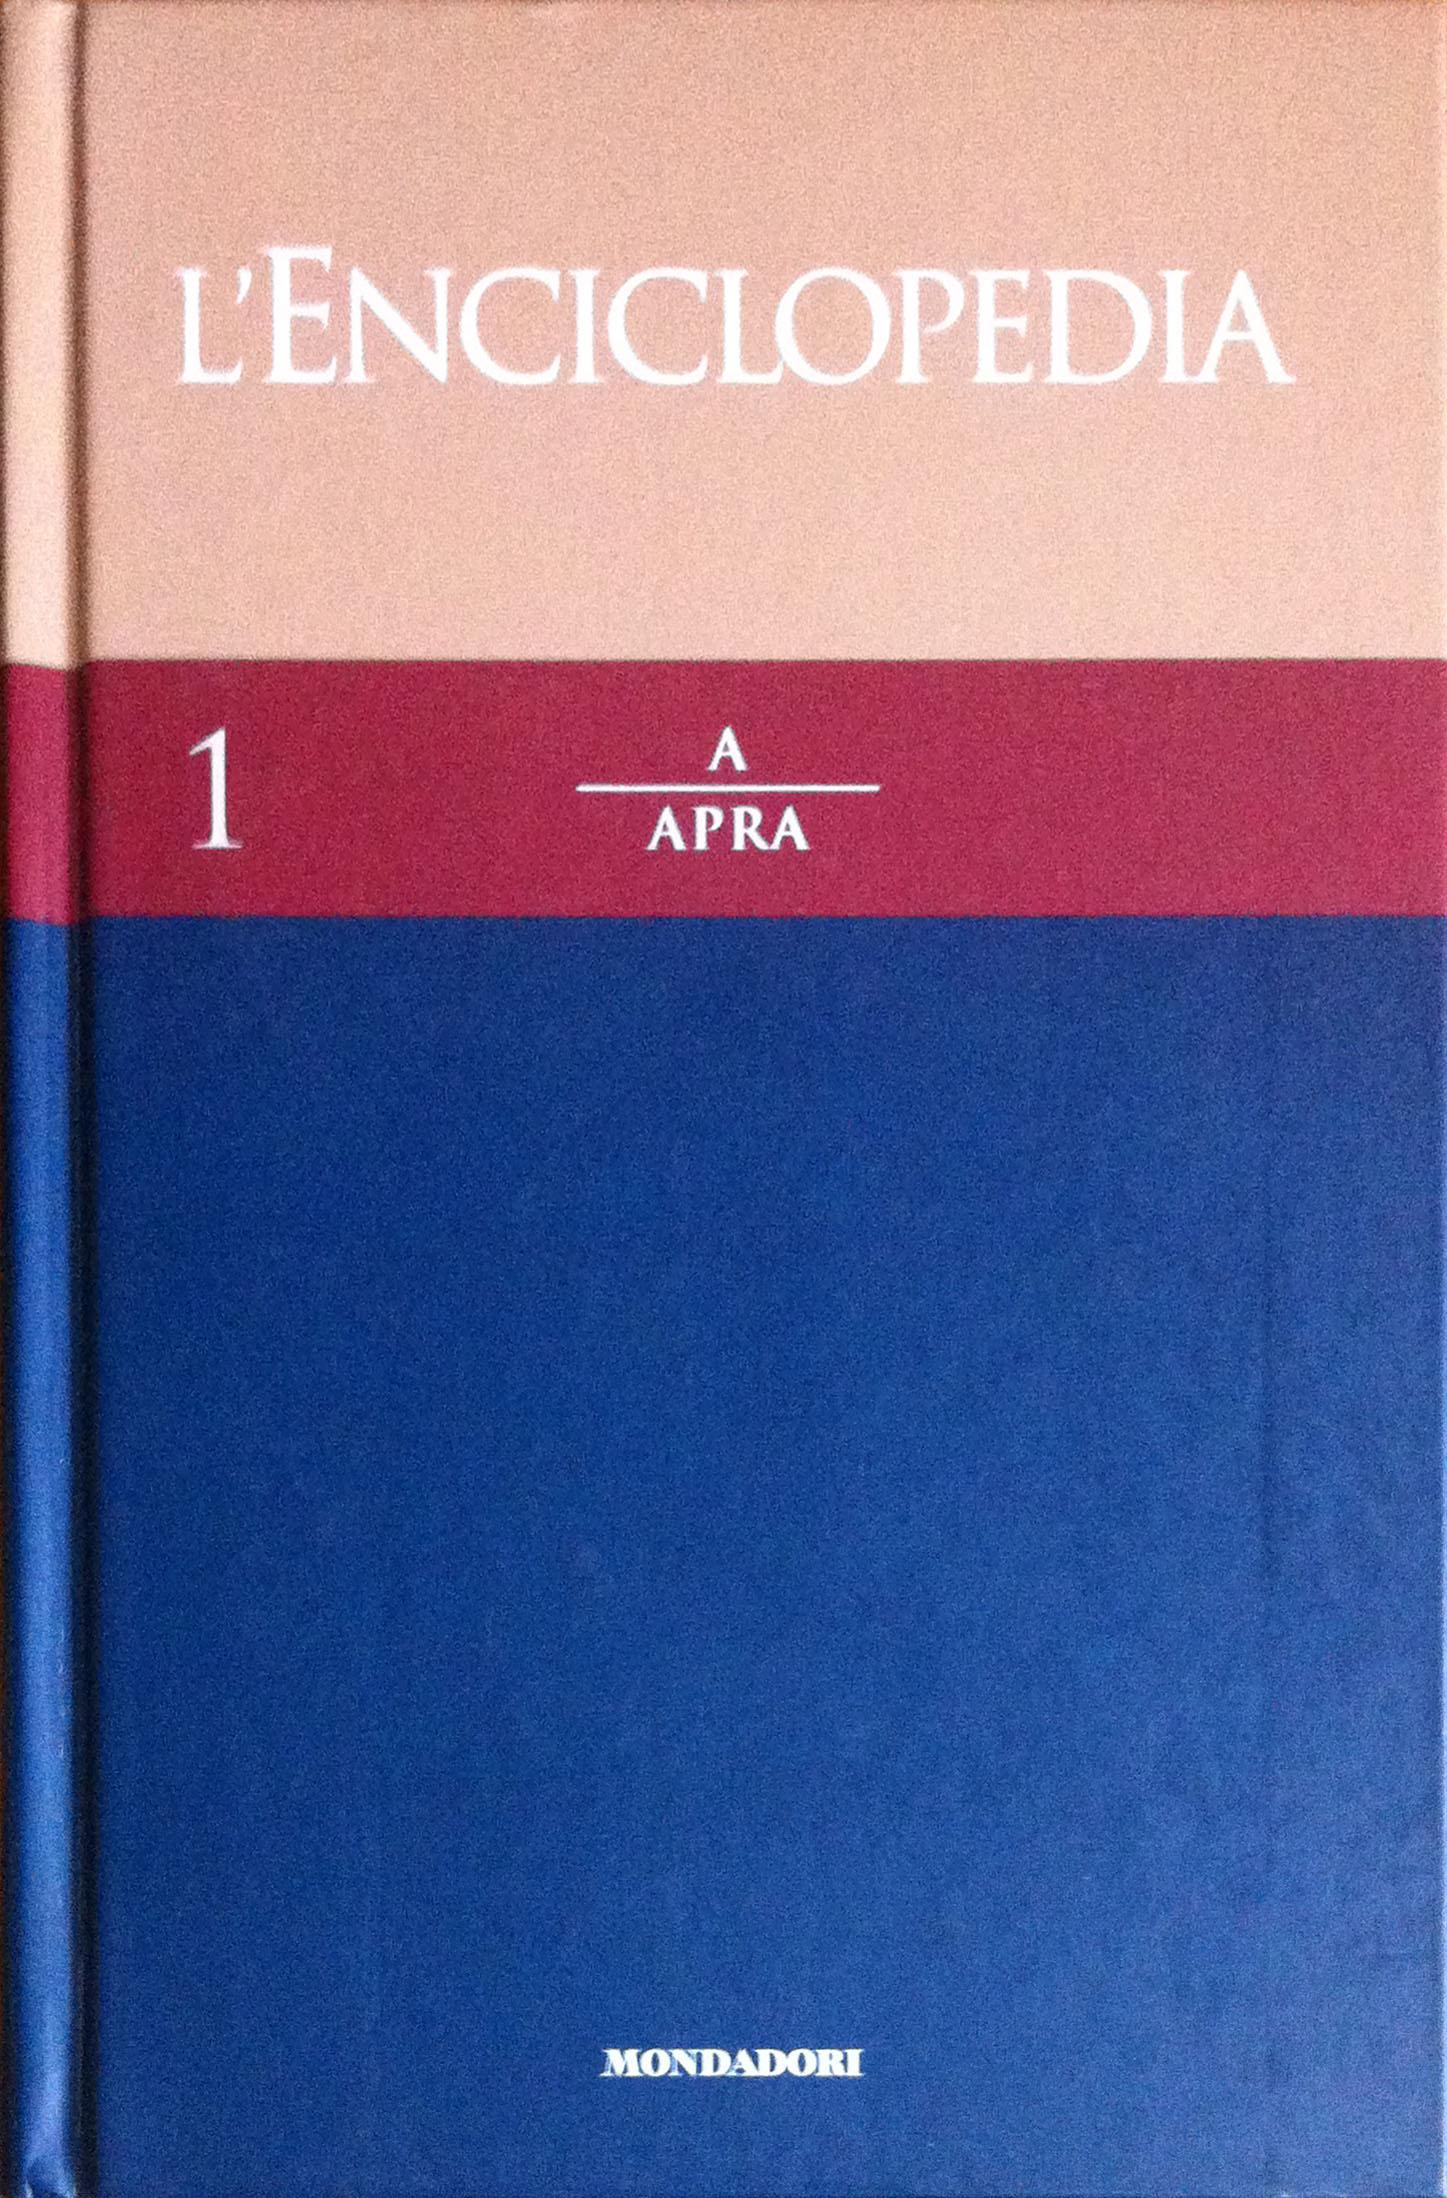 Enciclopedia – Mondadori